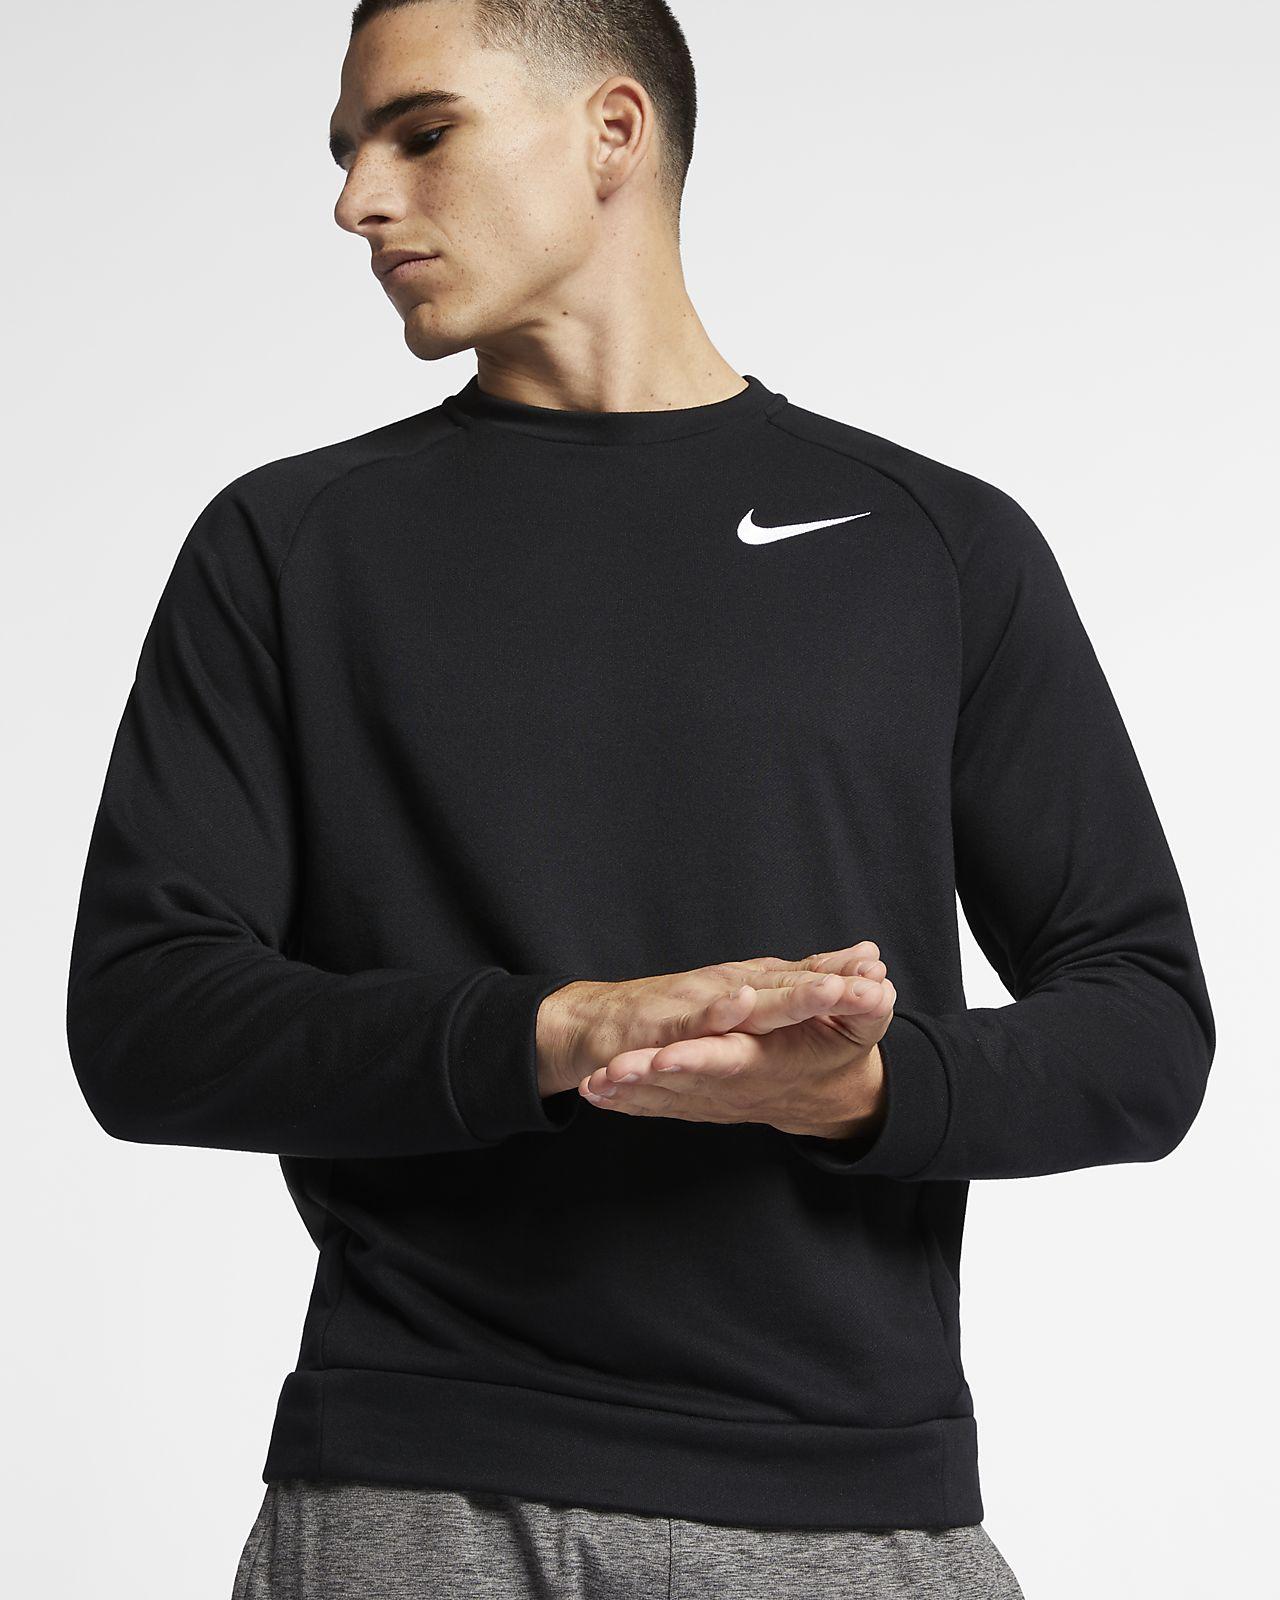 Nike Dri-FIT Camiseta de entrenamiento de tejido Fleece - Hombre